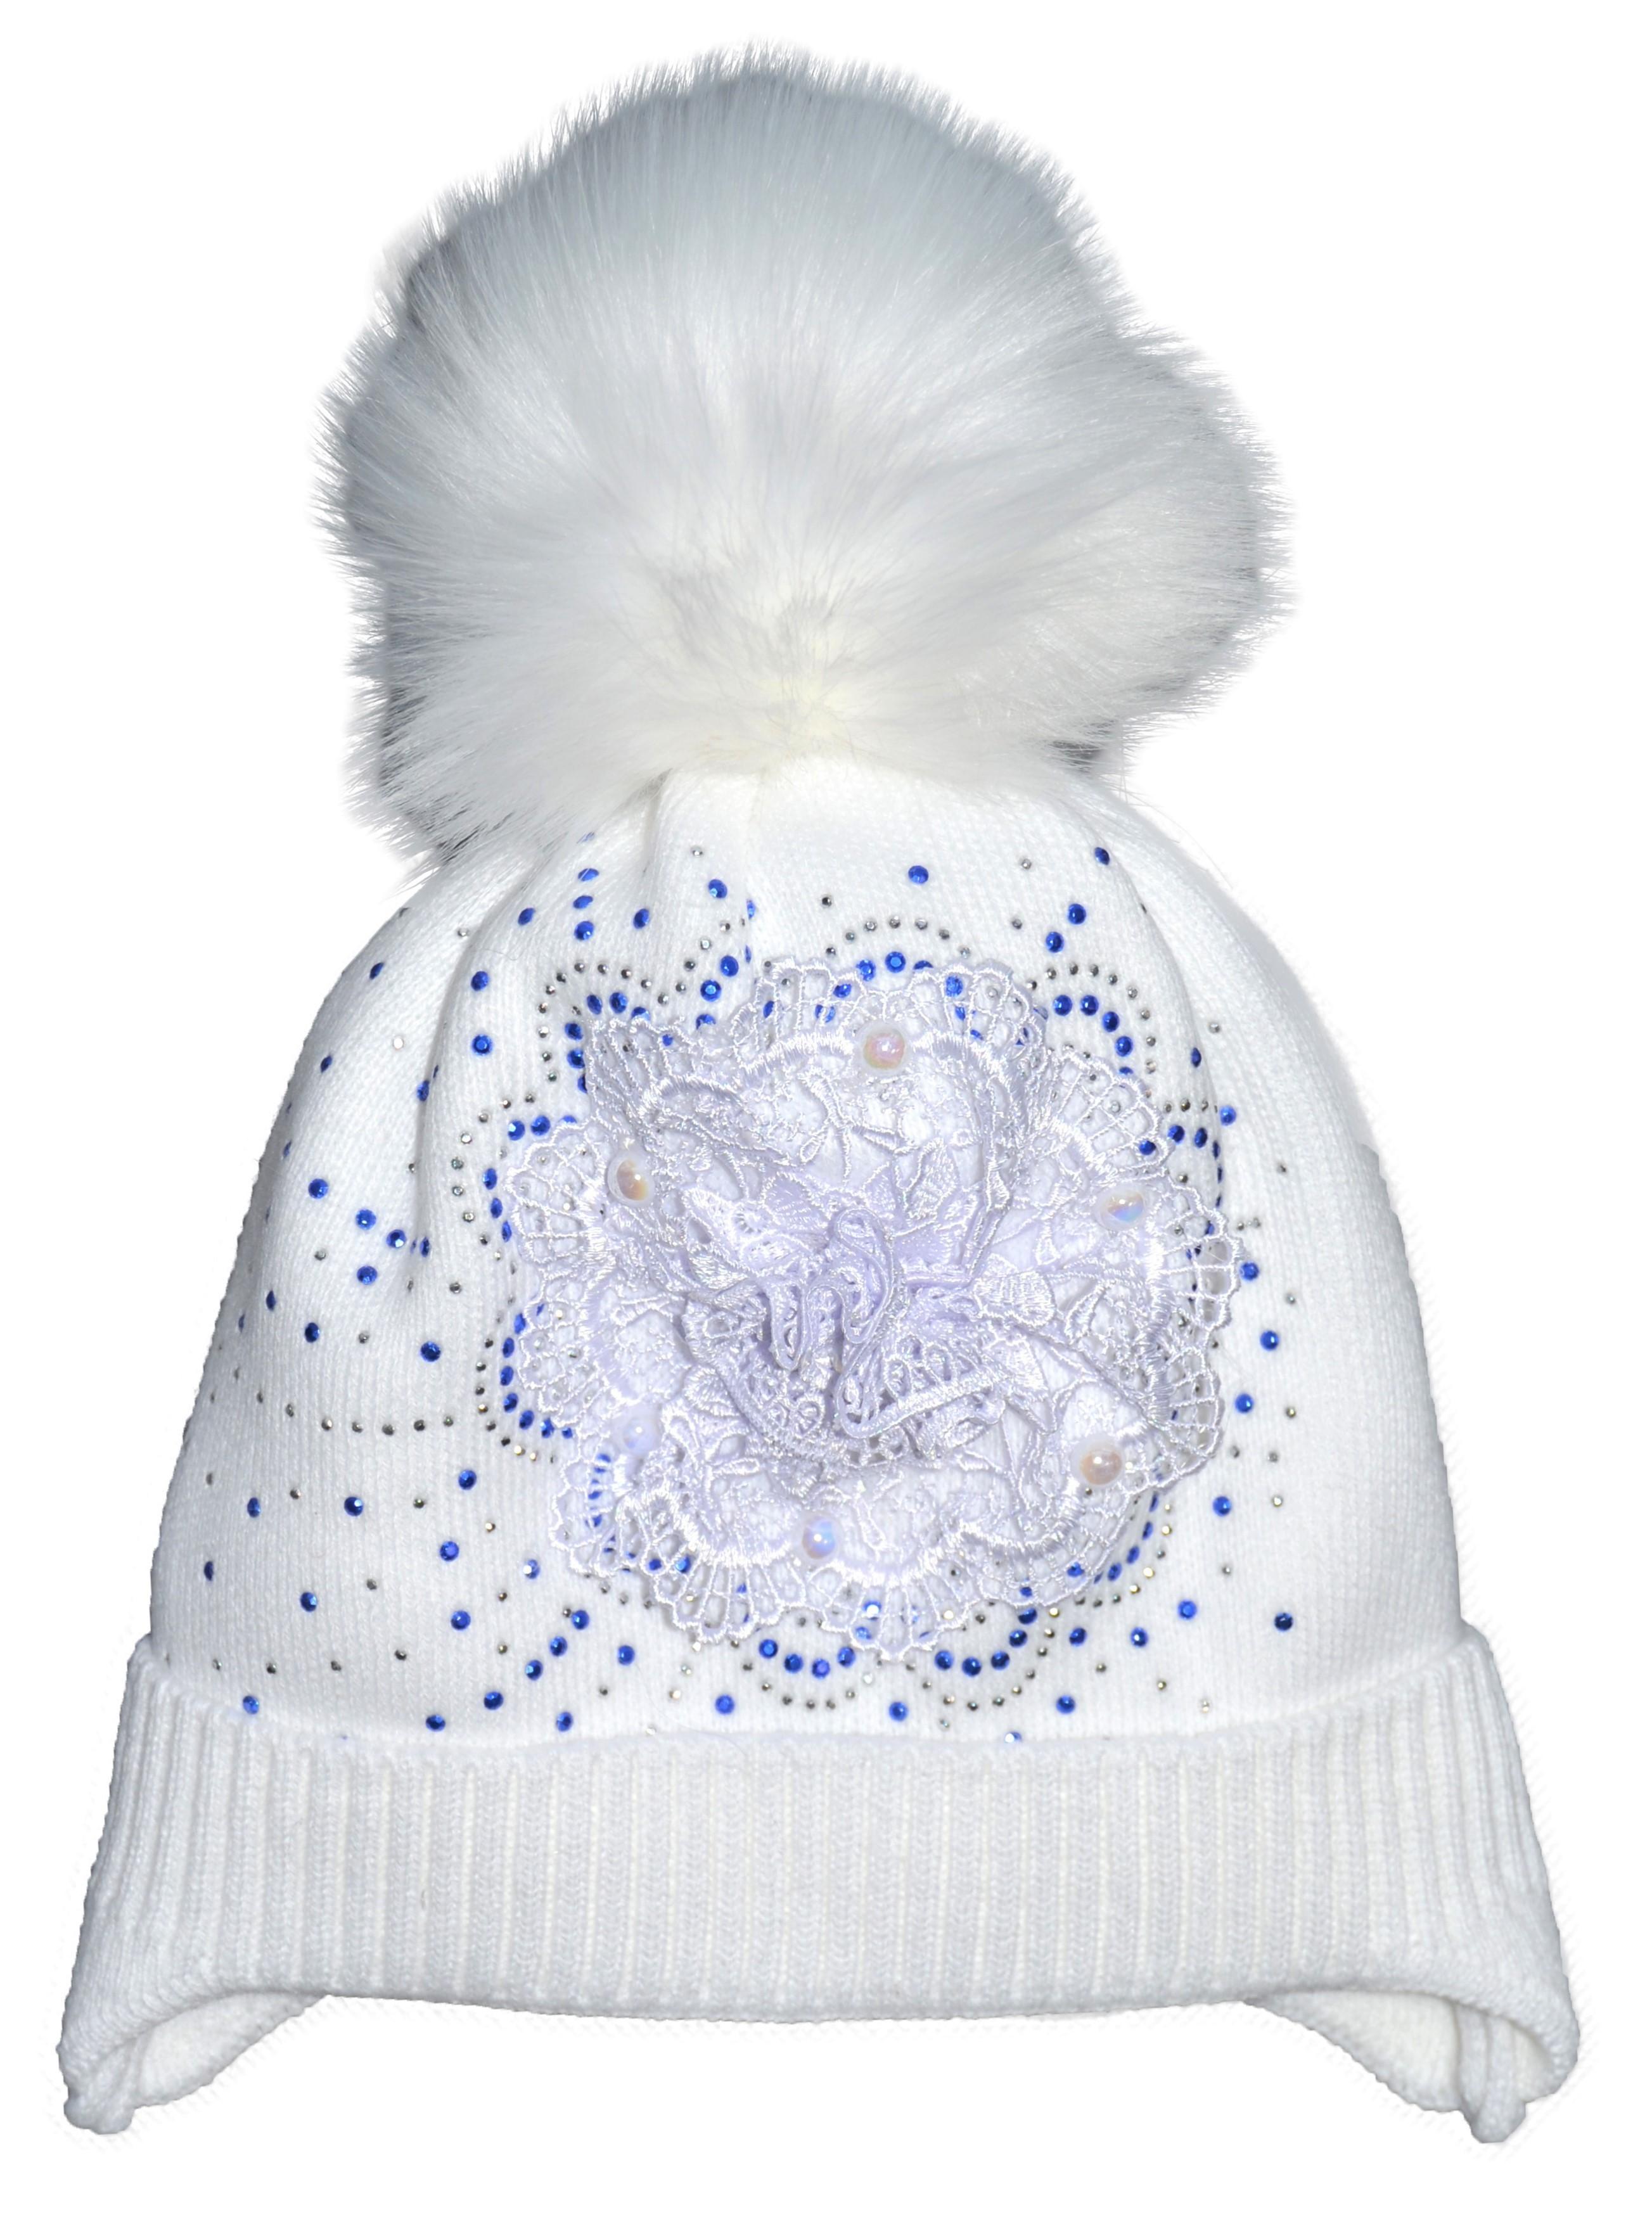 Шапка зимняя для девочки 5-8 лет ALK-519-18